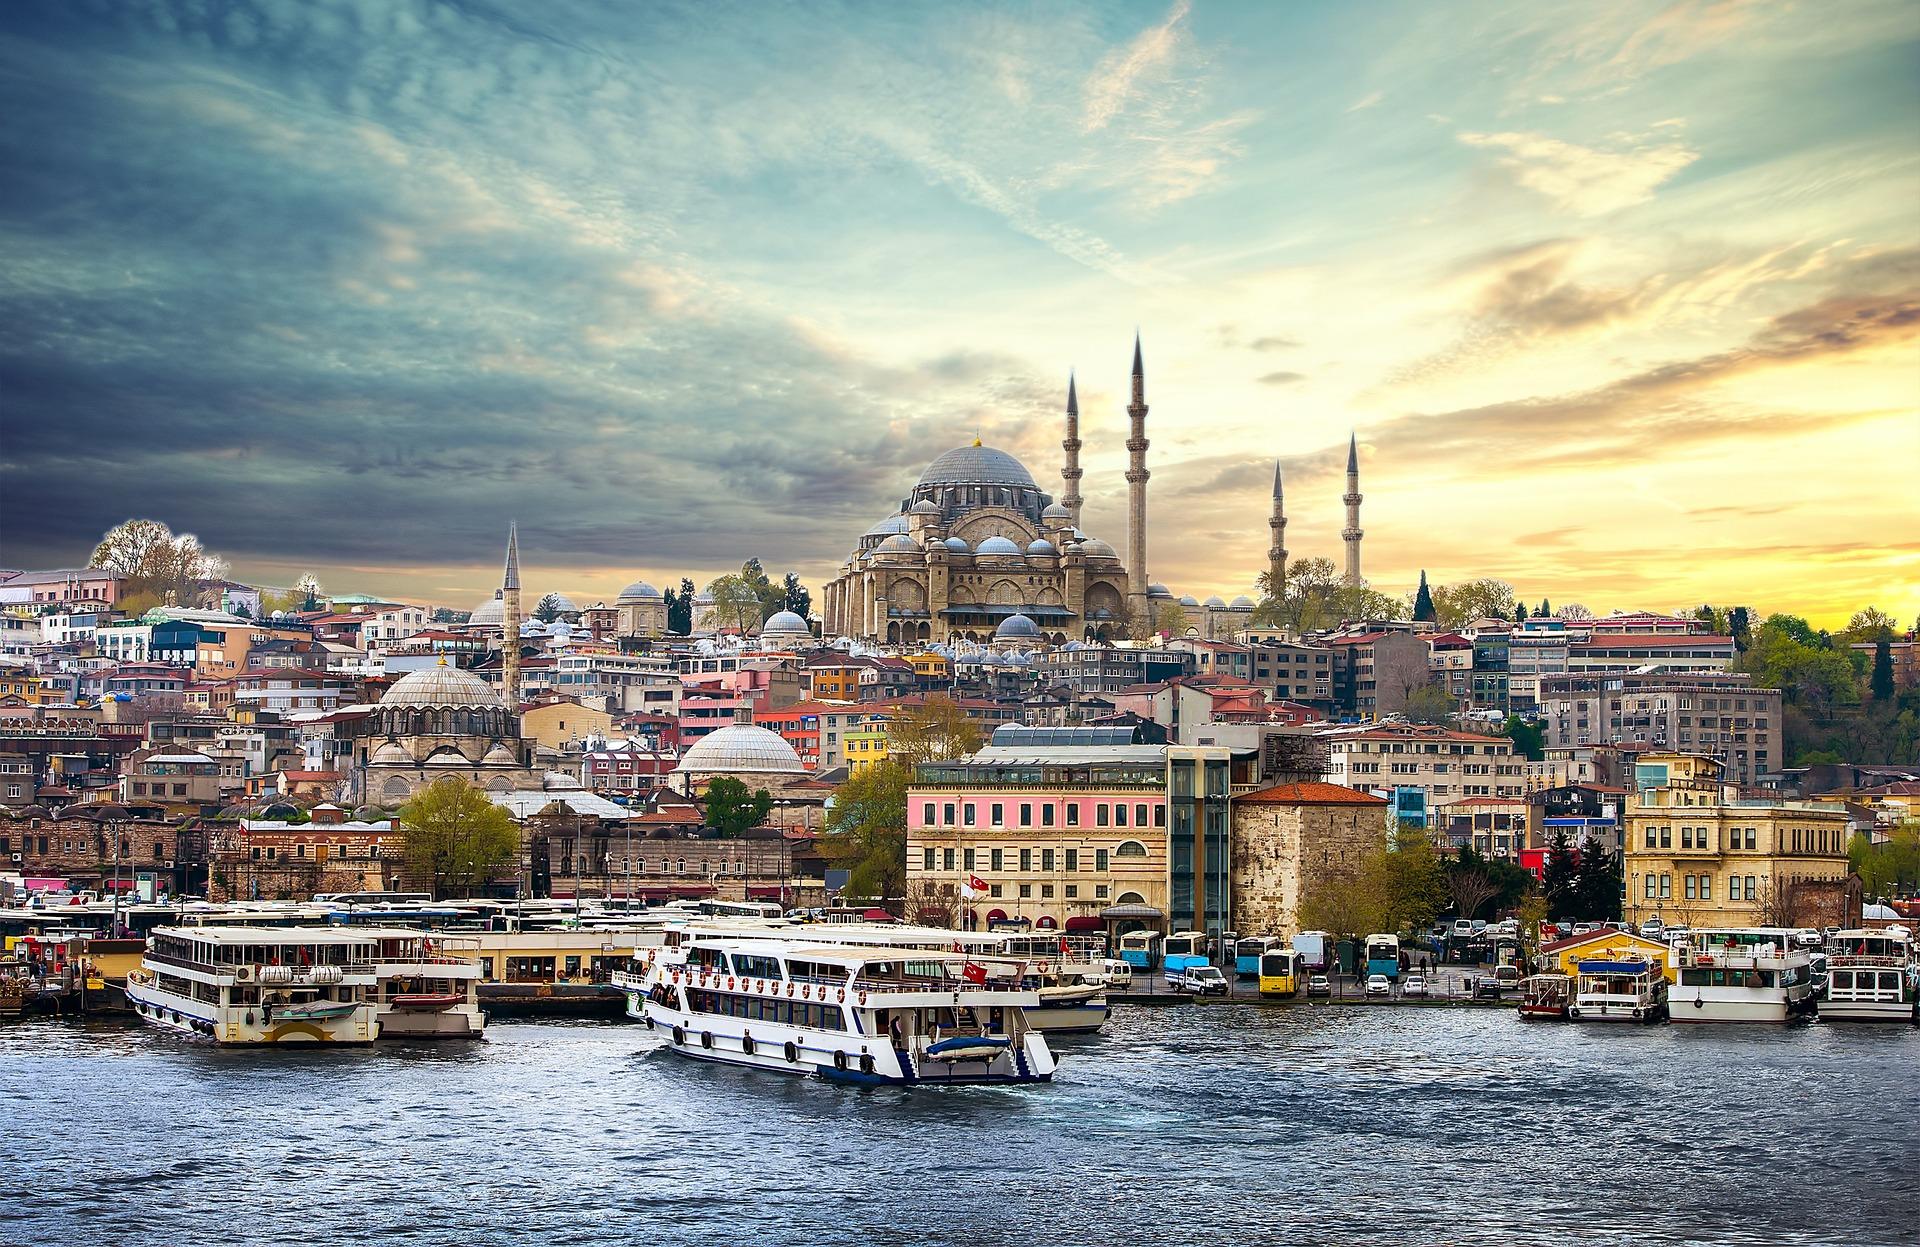 Turquía (9 días) con estancia en Estambul, Capadocia, Pamukkale y Esmirna